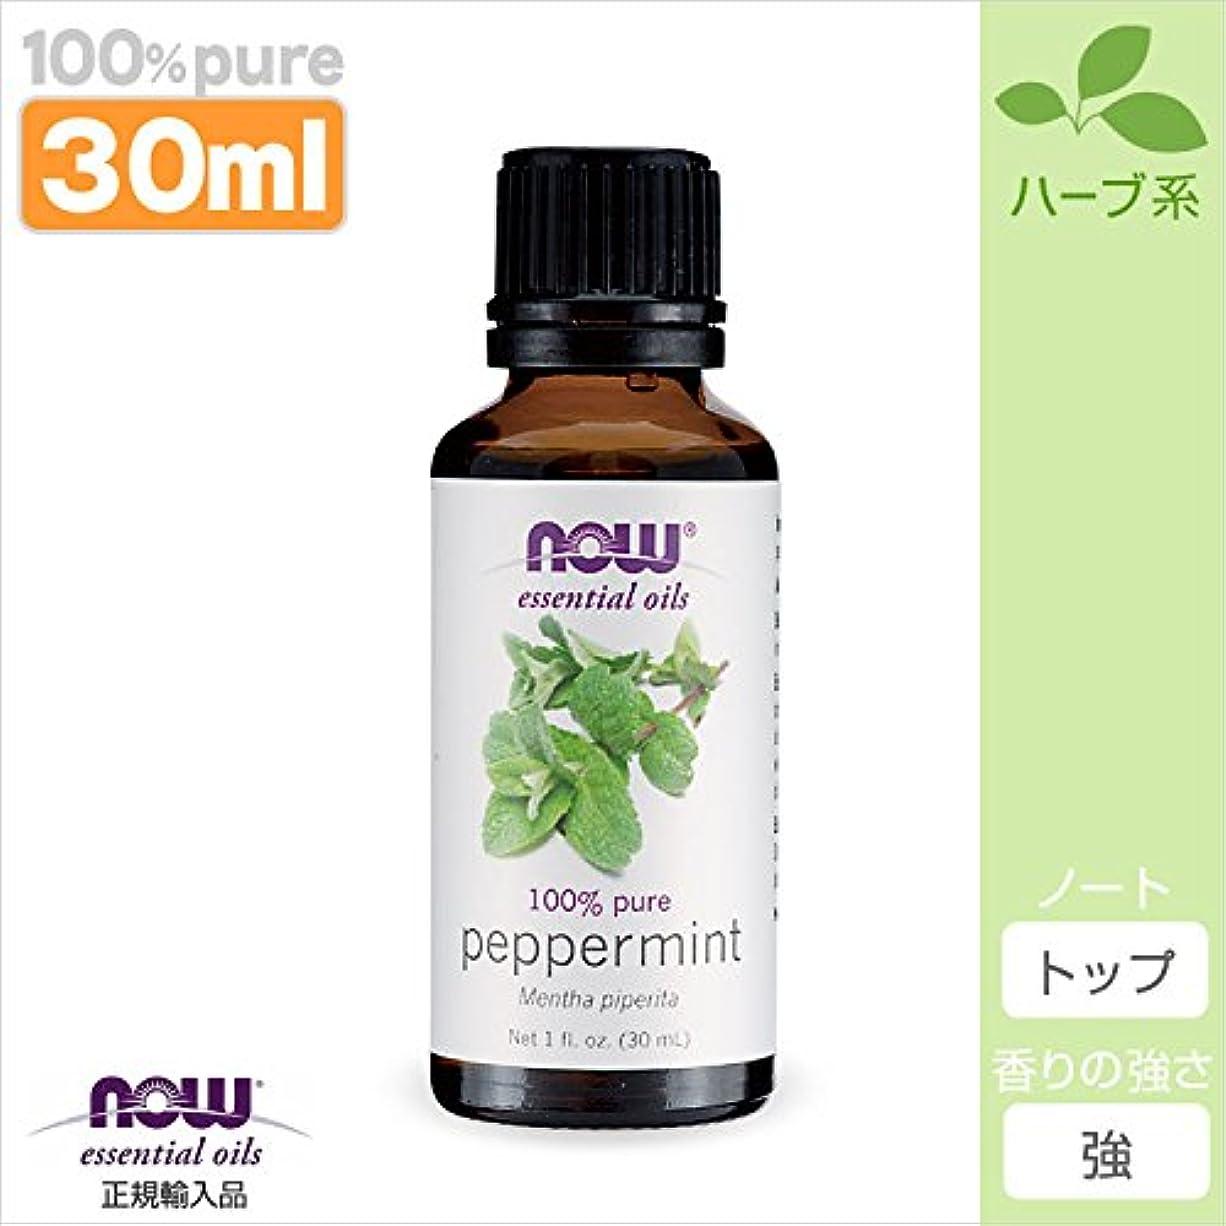 ペパーミント精油[30ml] 【正規輸入品】 NOWエッセンシャルオイル(アロマオイル)